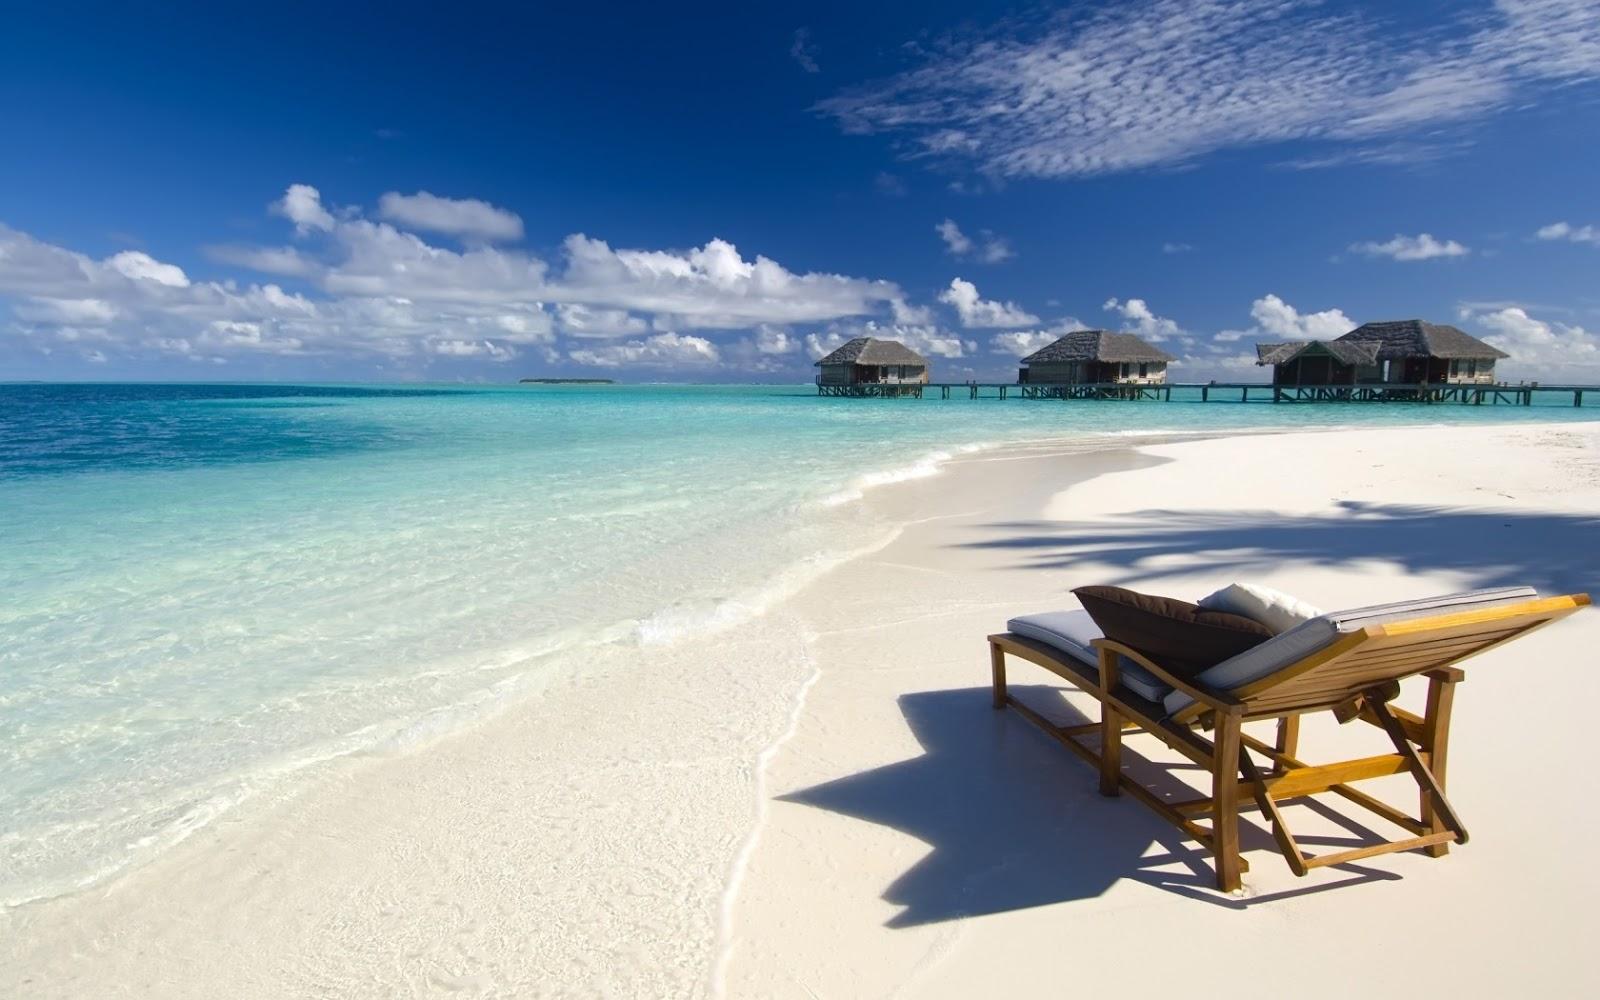 Kdo si ne želi preživeti poletja v tem raju?